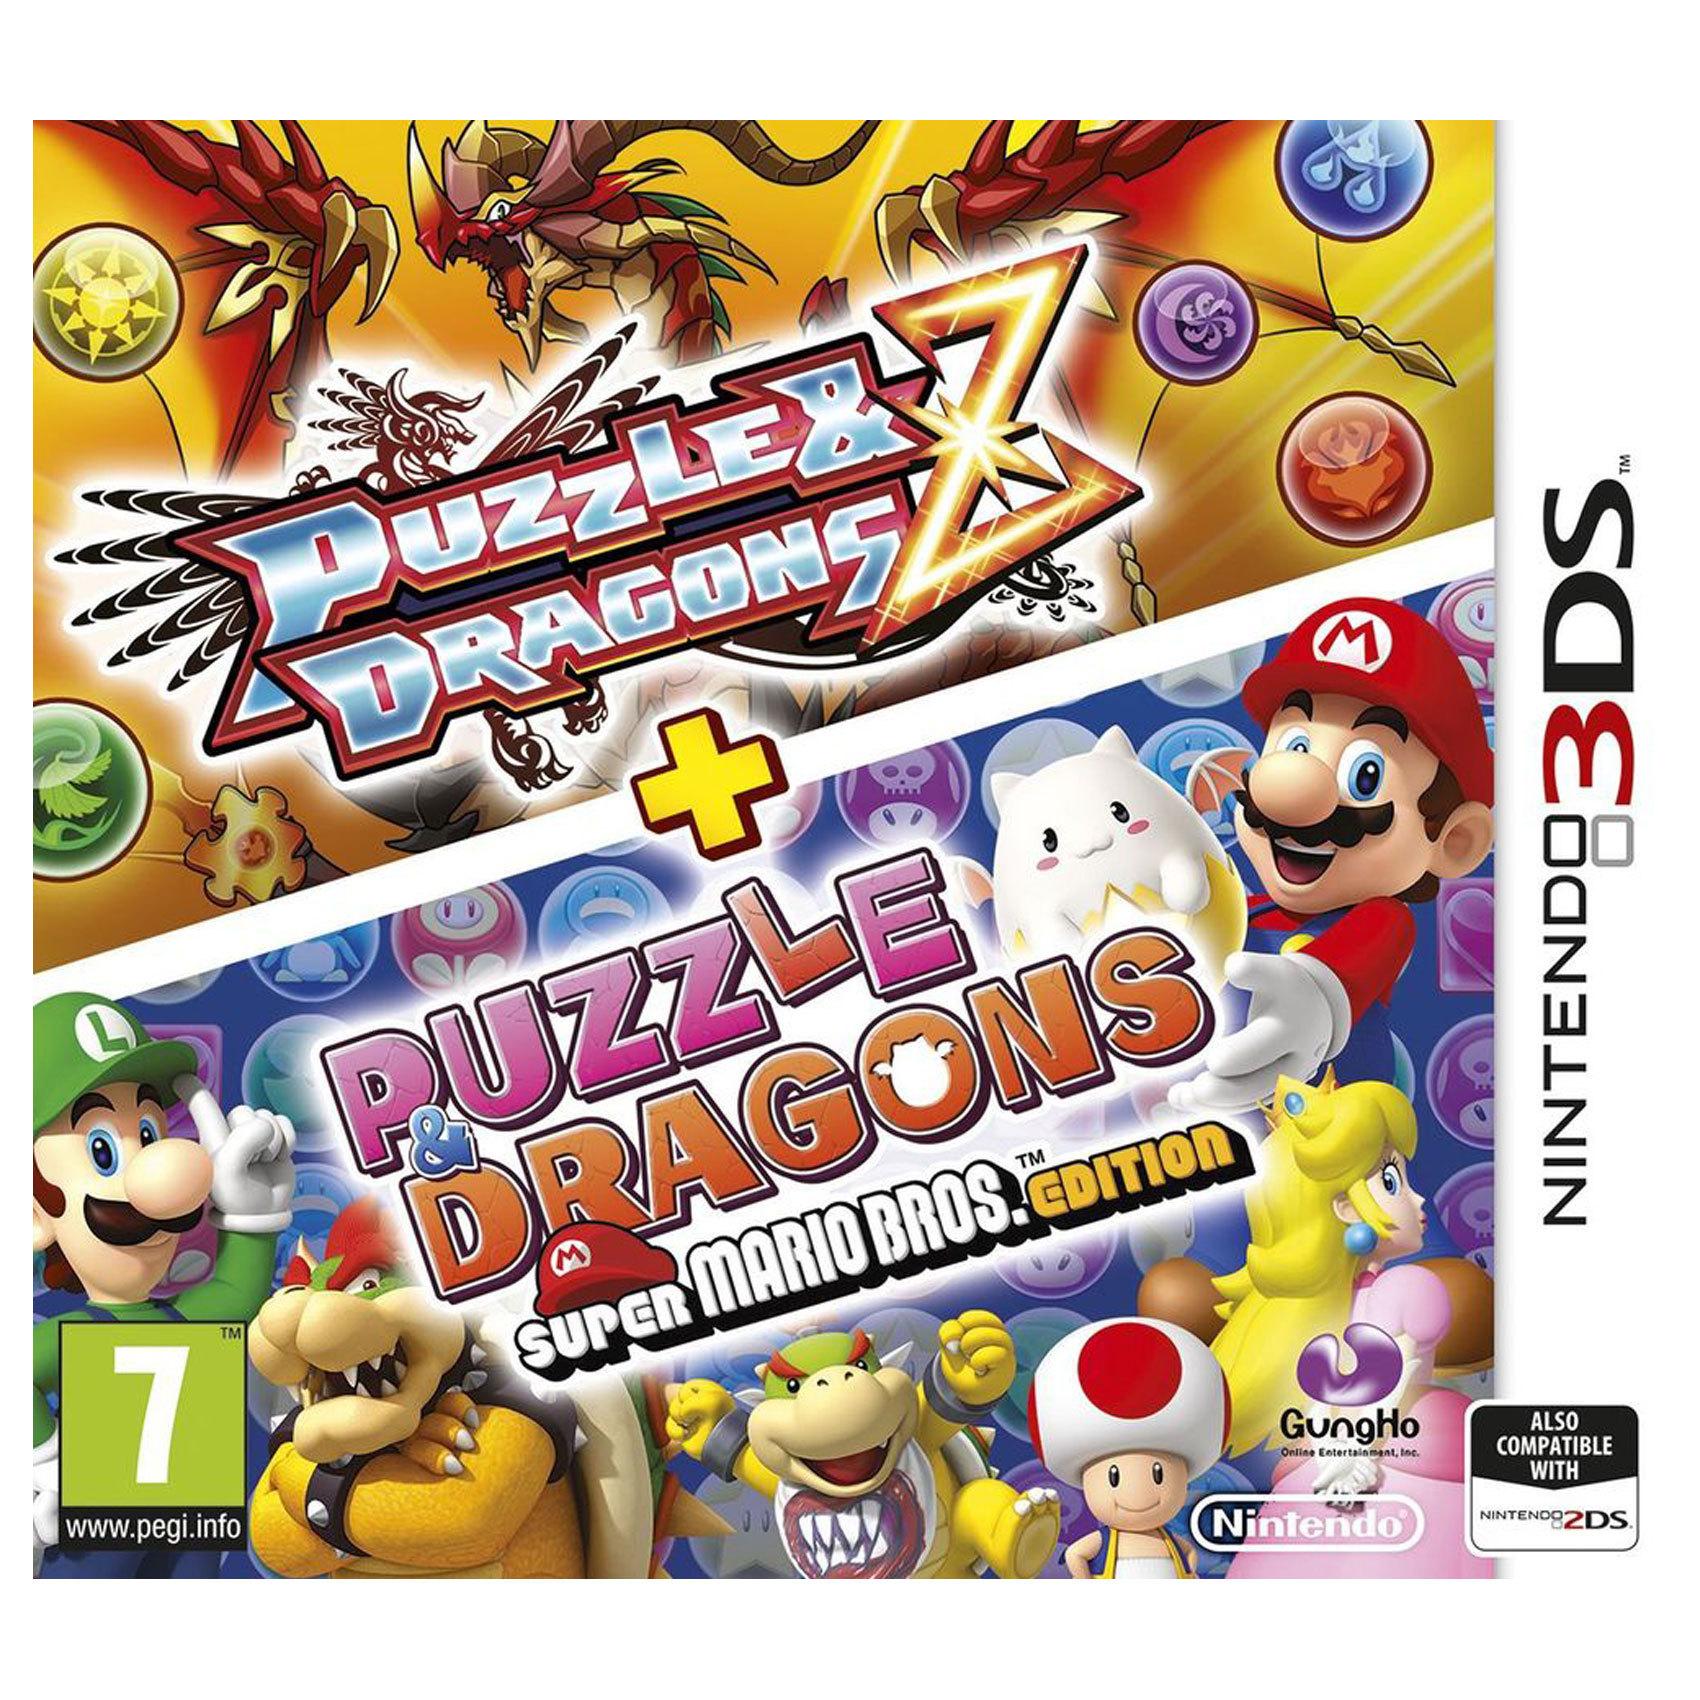 NINTENDO 3DS PUZZL&DRAG+SUPER MARIO